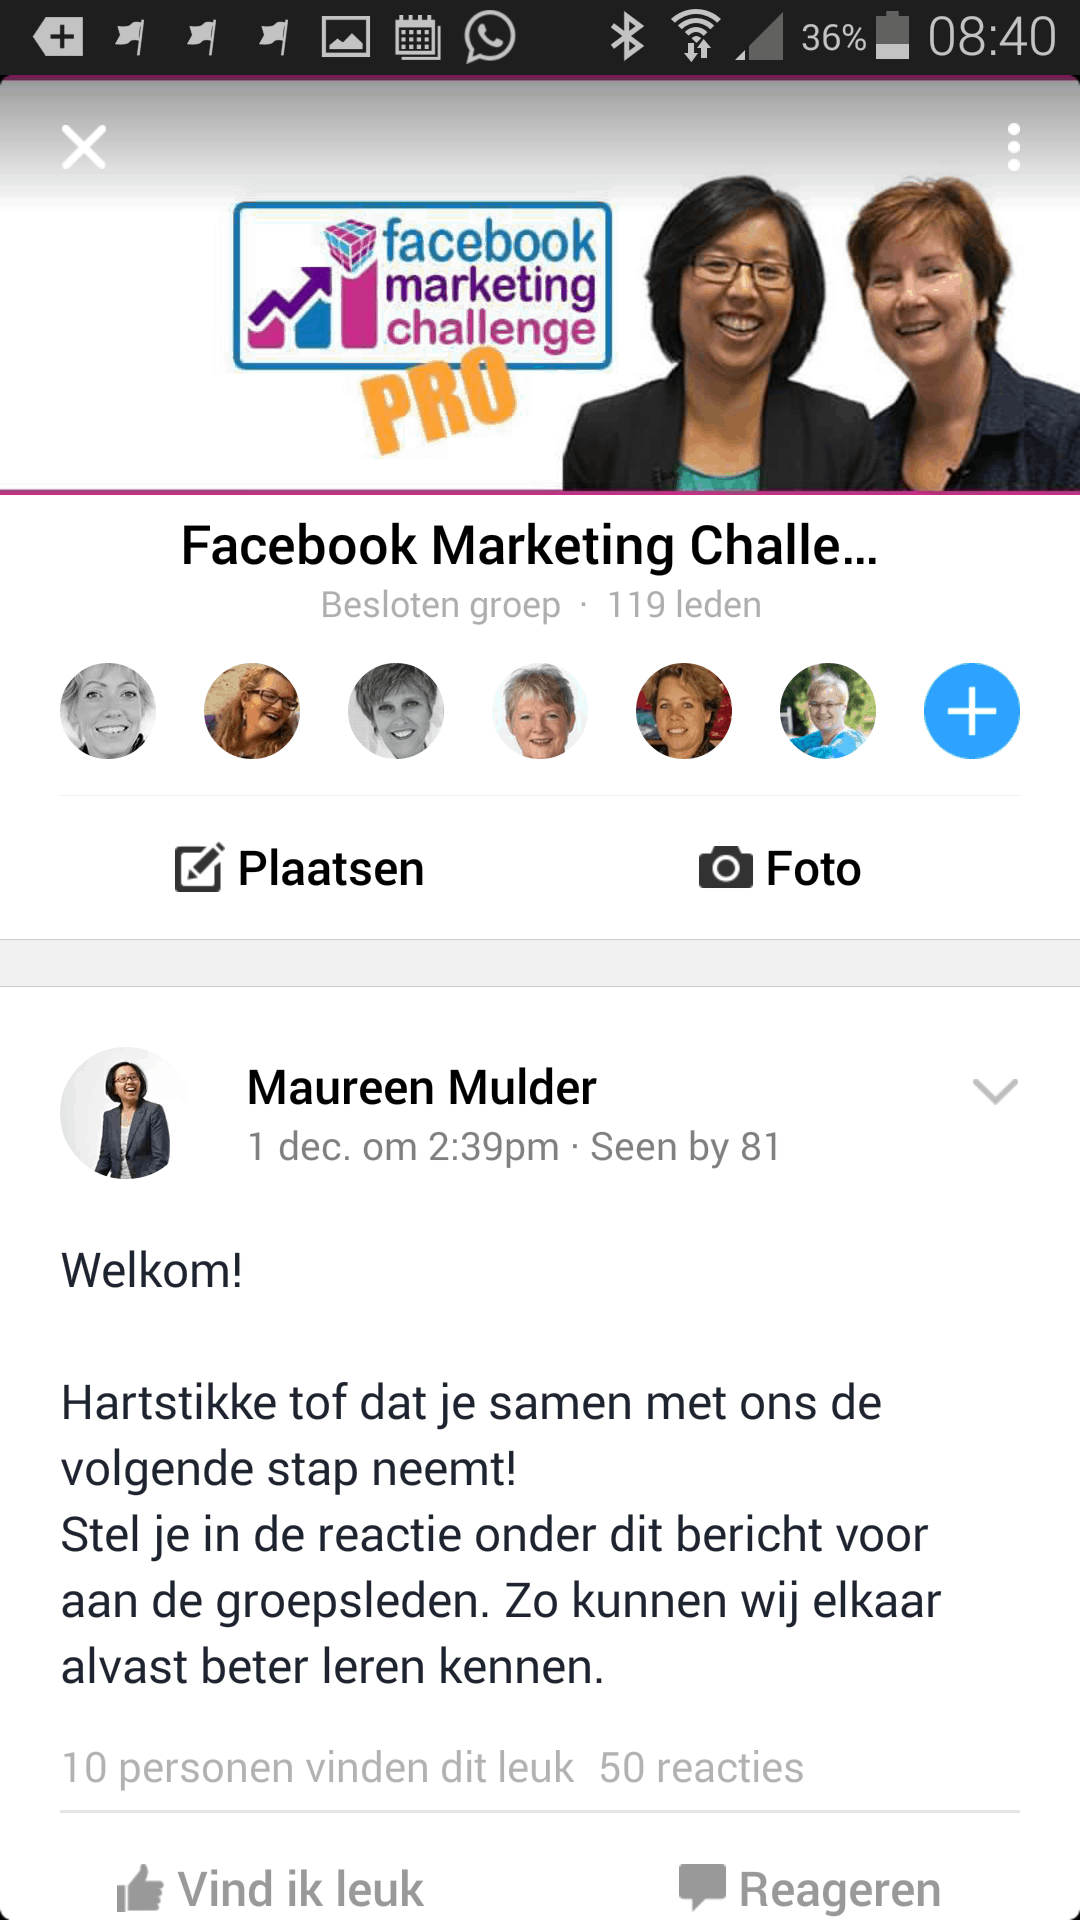 Facebook Marketing Challenge